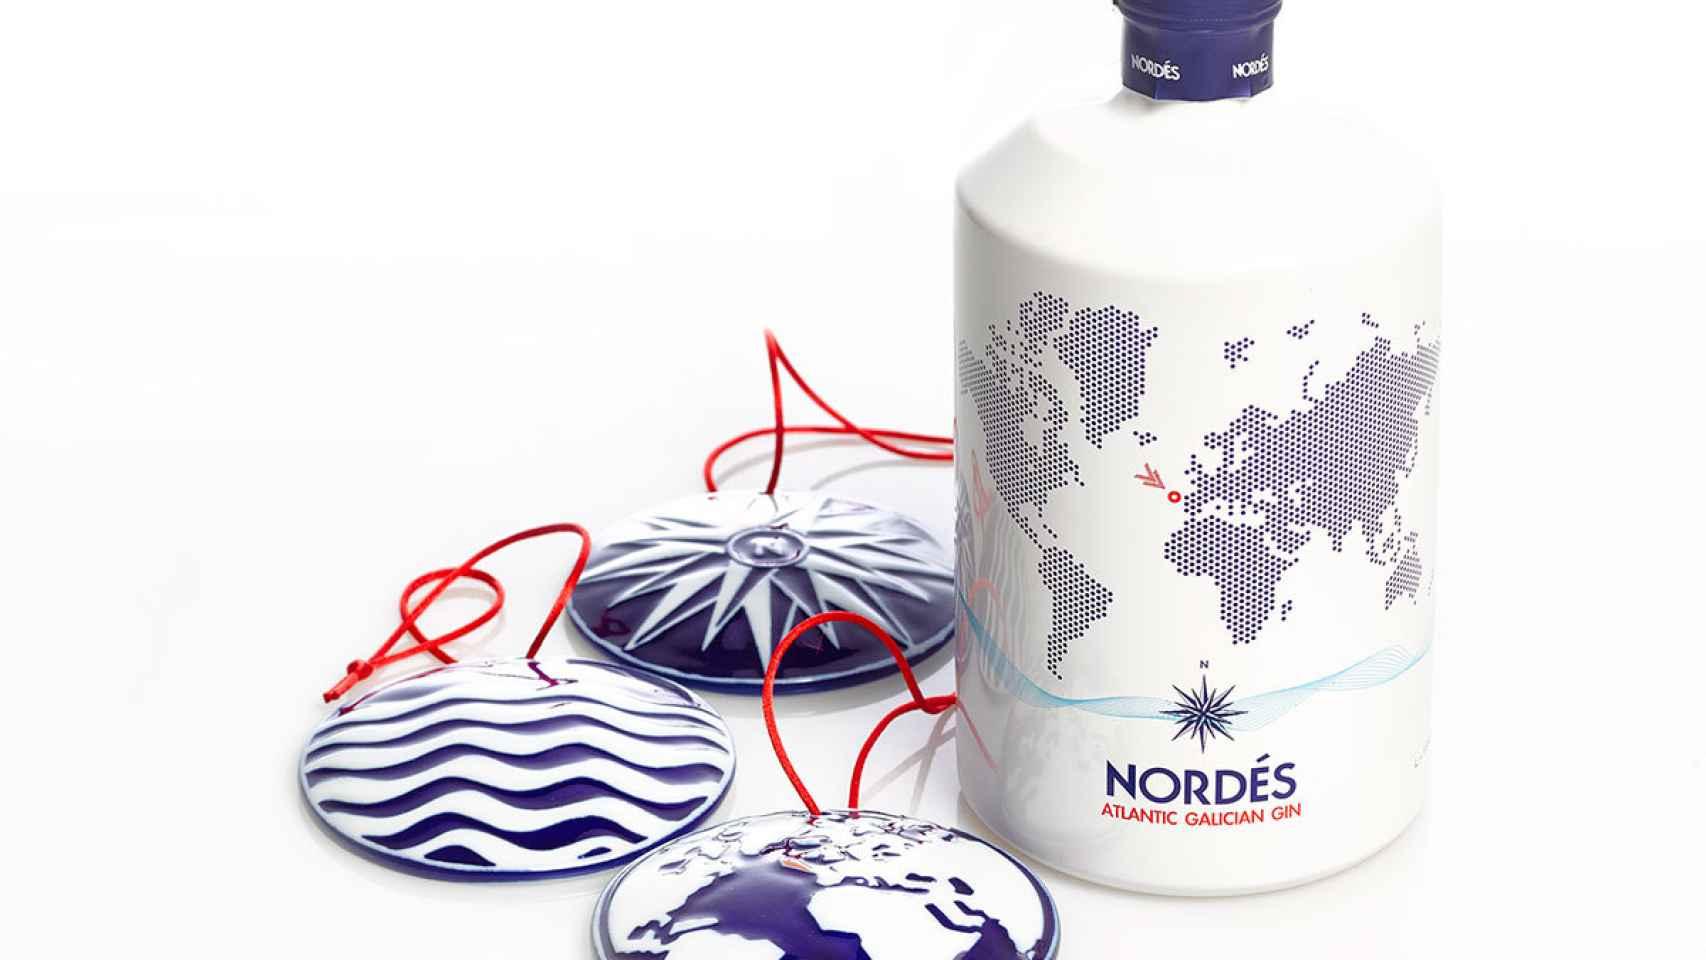 La Ginebra Nordés está destilada con Albariño.